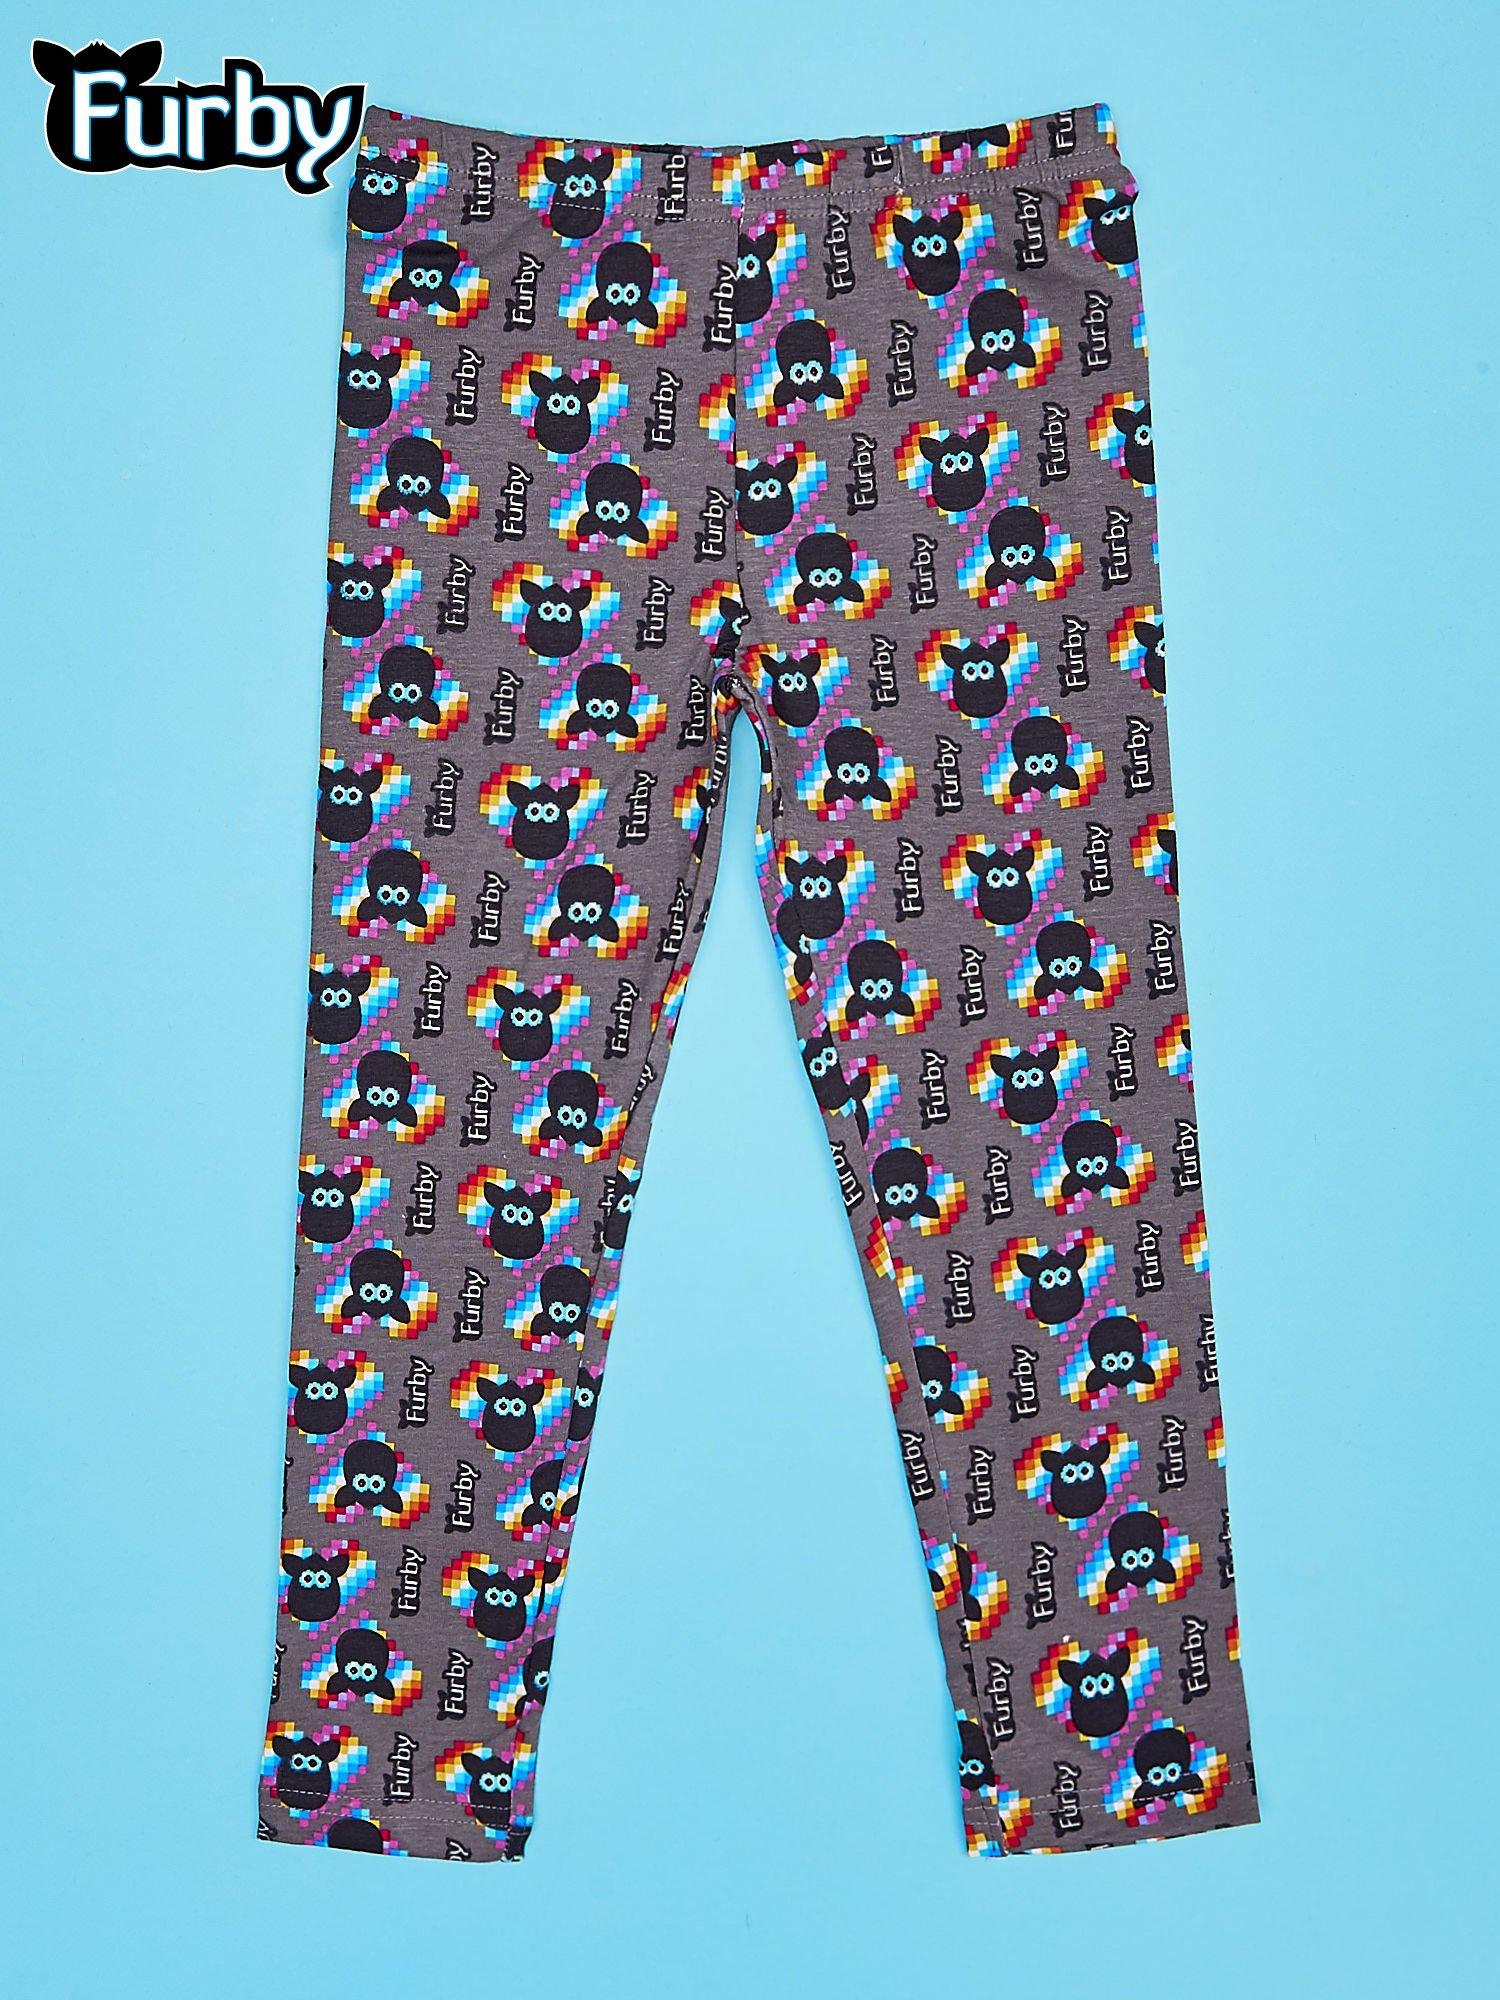 Czarne legginsy dla dziewczynki z nadrukiem FURBY                                  zdj.                                  1